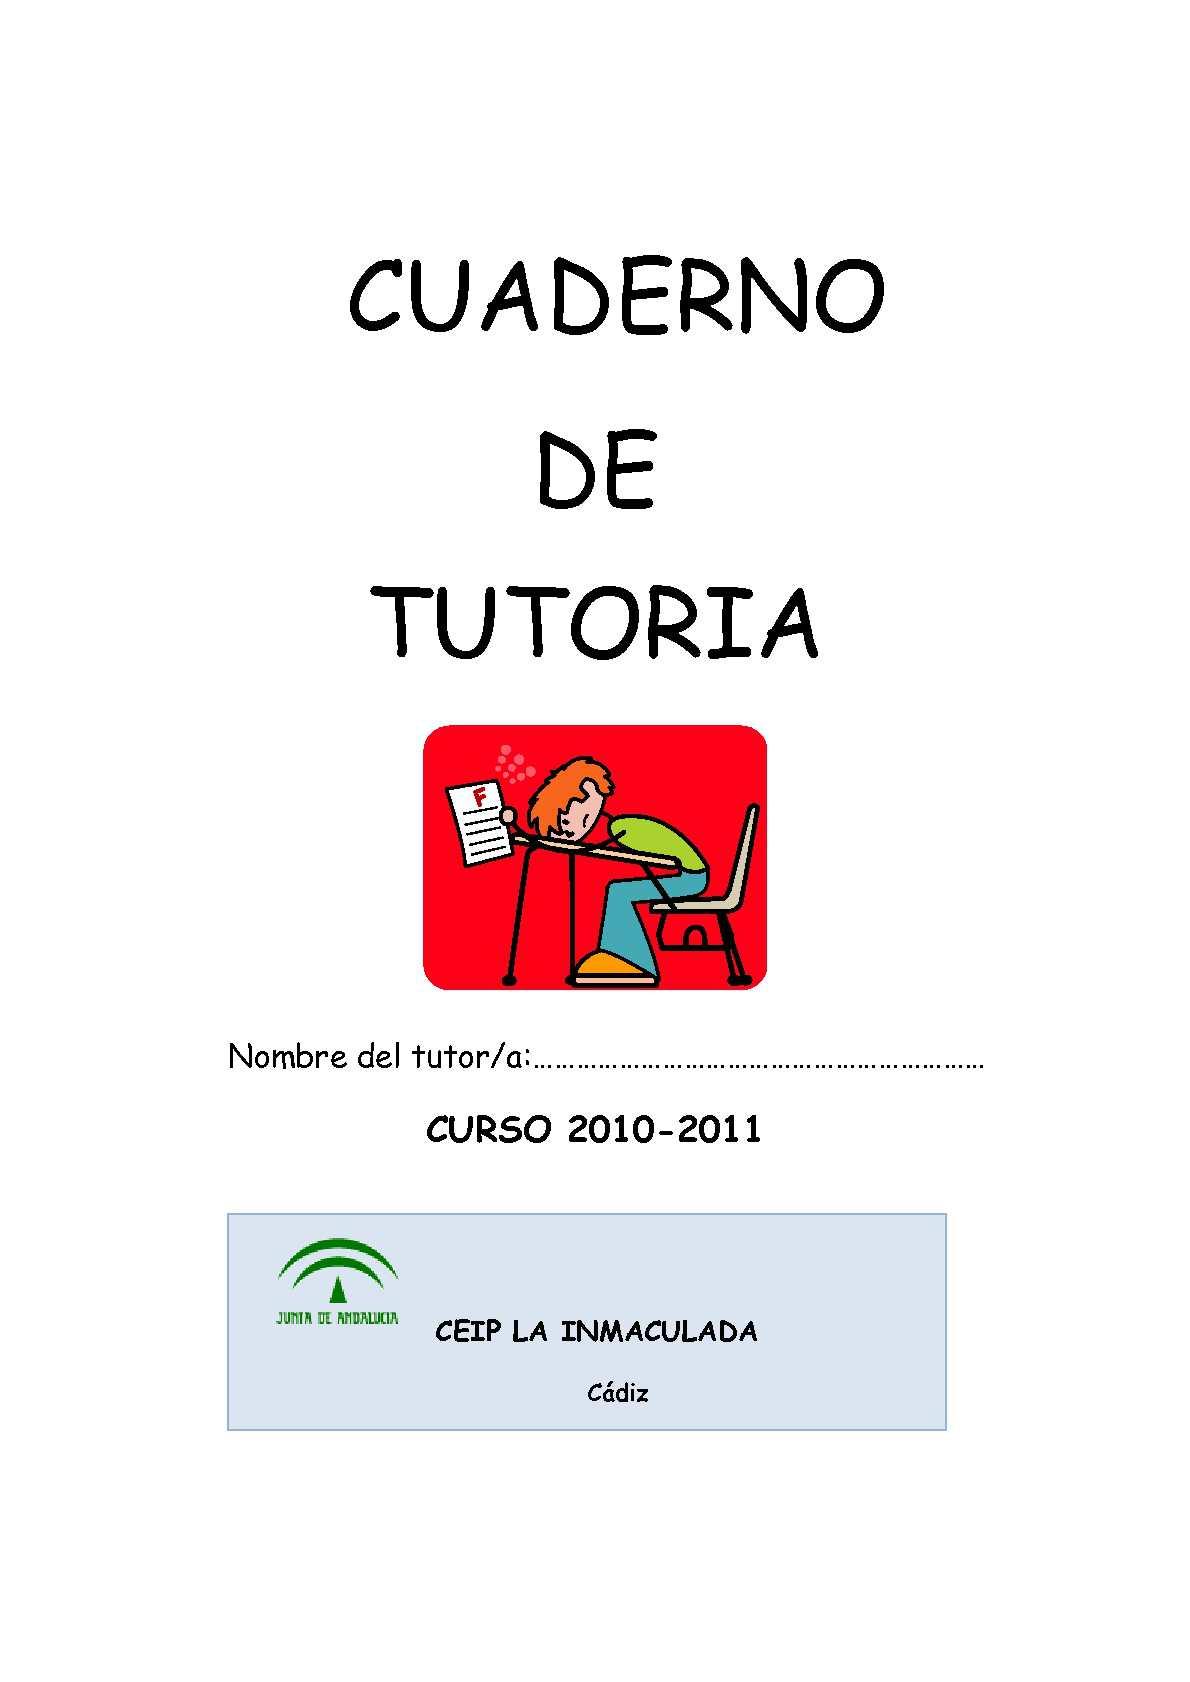 Cuaderno de tutoría CEIP LA INMACULADA Cádiz